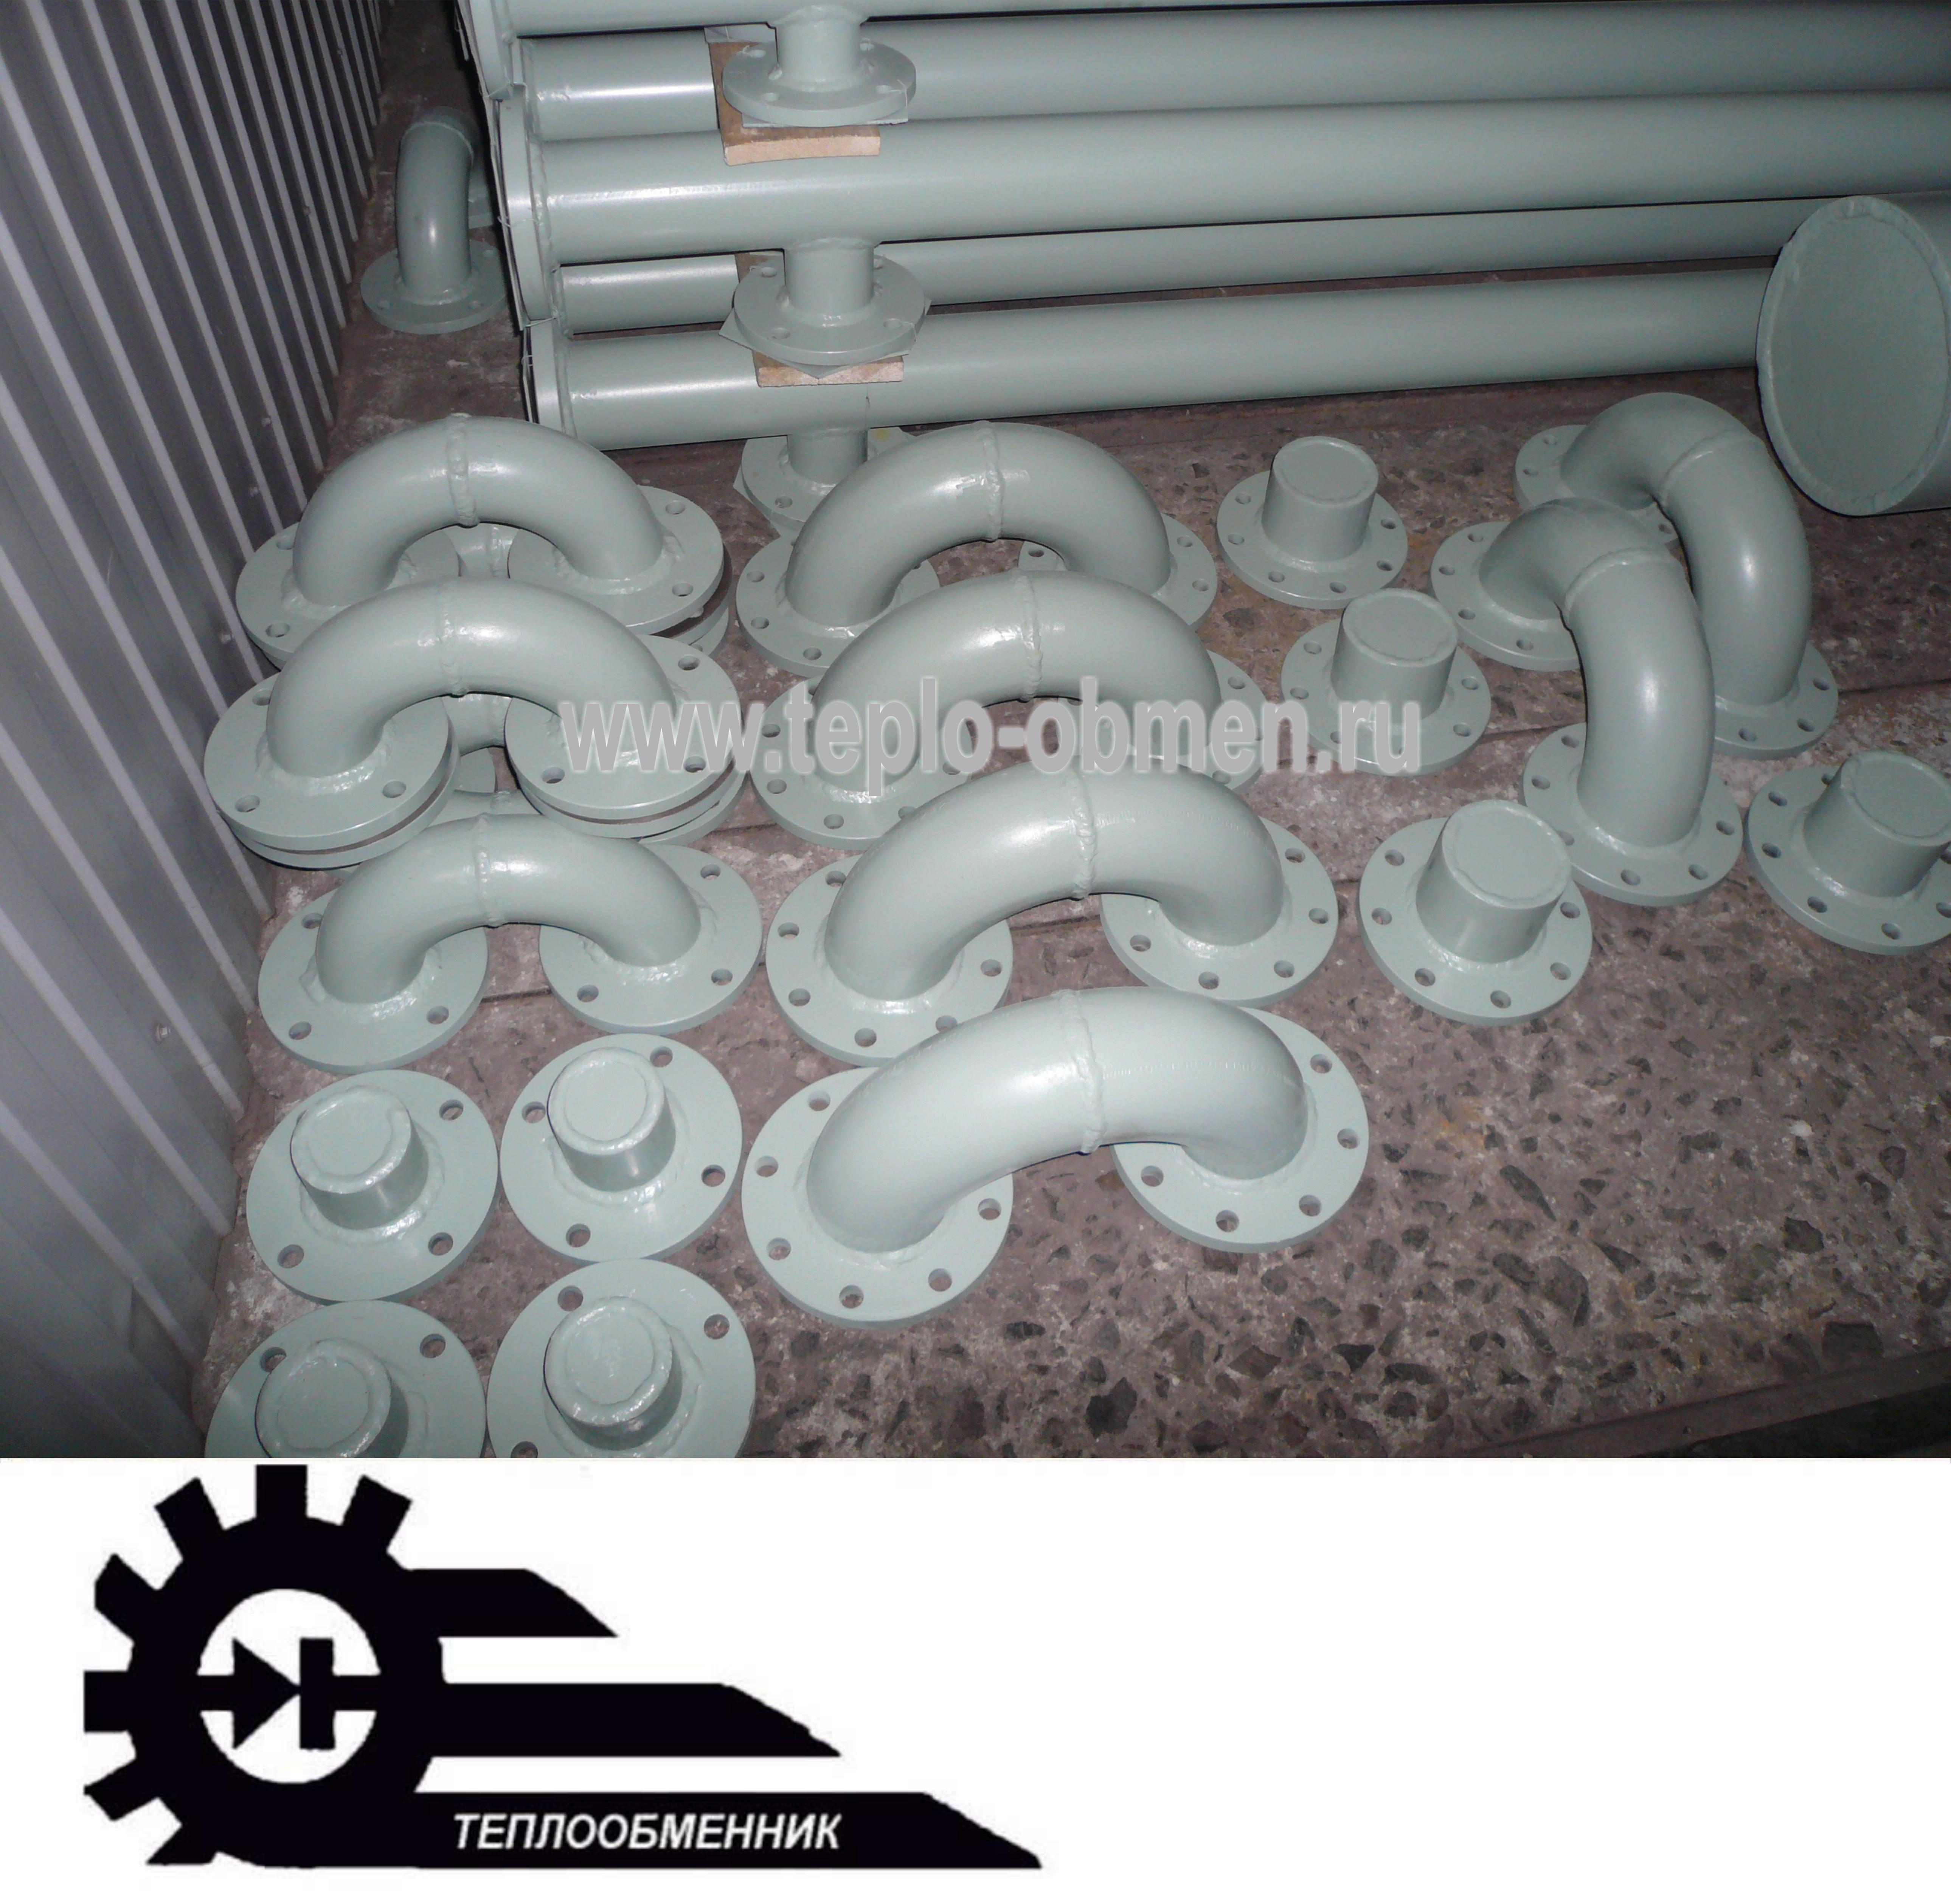 Калач медный для теплообменника моноблок теплообменник пластинчатый гвс